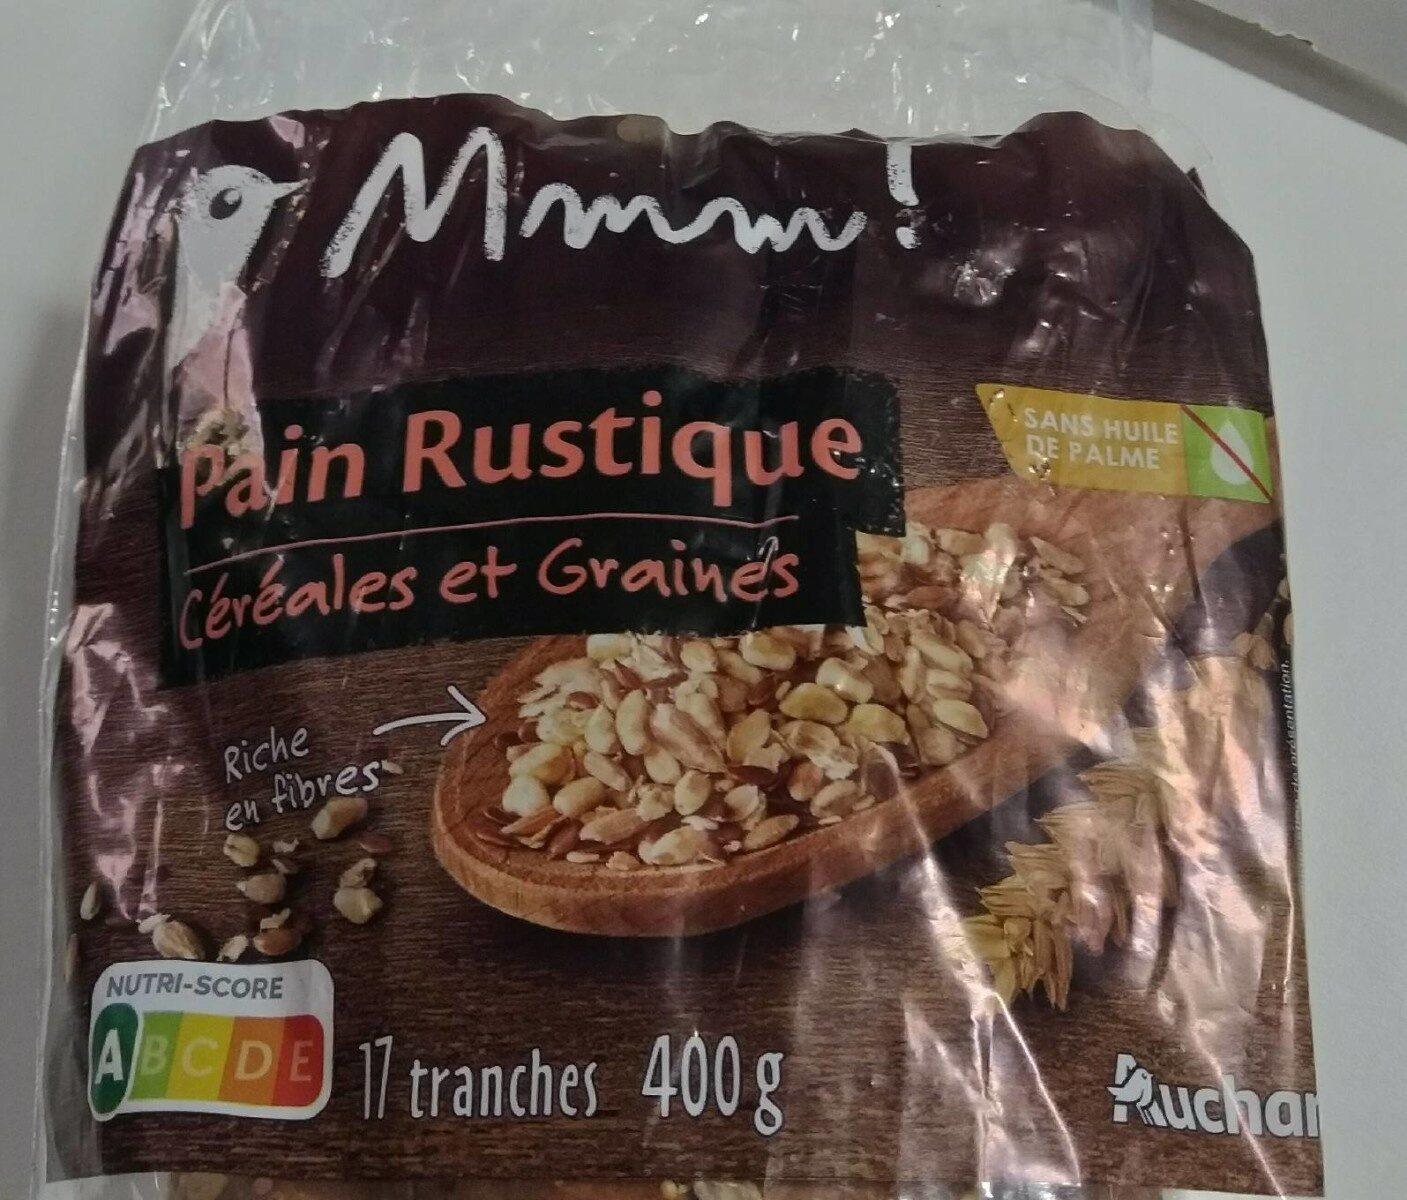 Pain rustique céréales et graines - Prodotto - fr